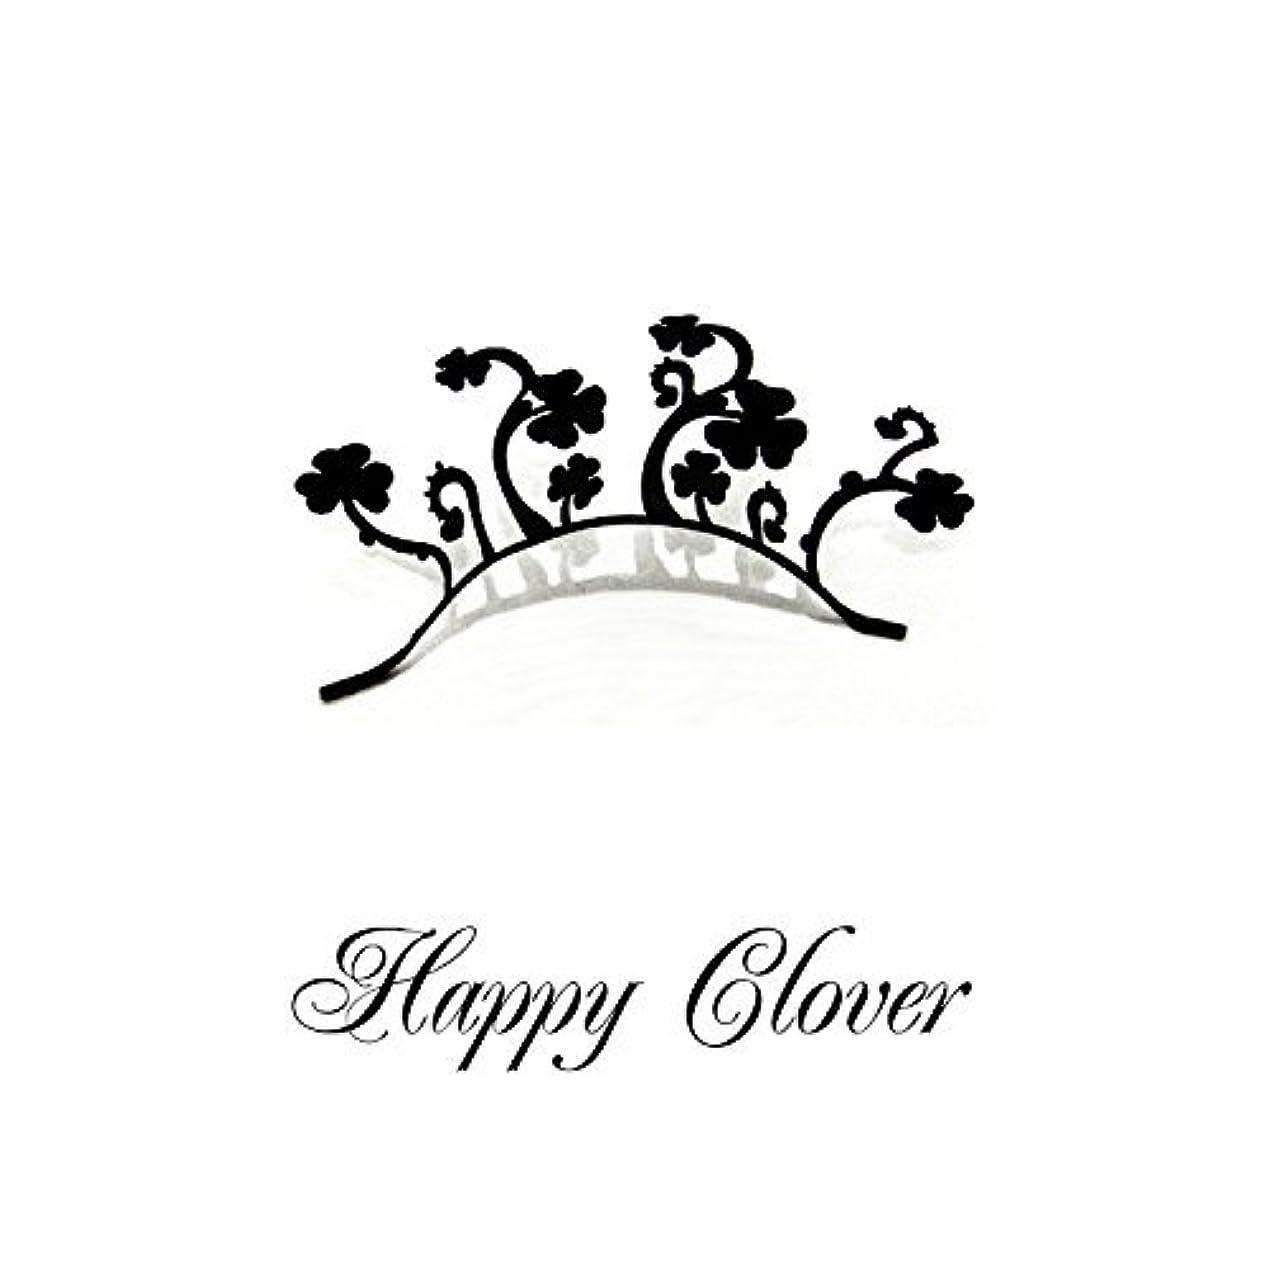 検索カプラー書誌つけまつ毛 ペーパーアイラッシュ パーティーやイベントにおすすめ 商品名:ハッピークローバー(クローバー)